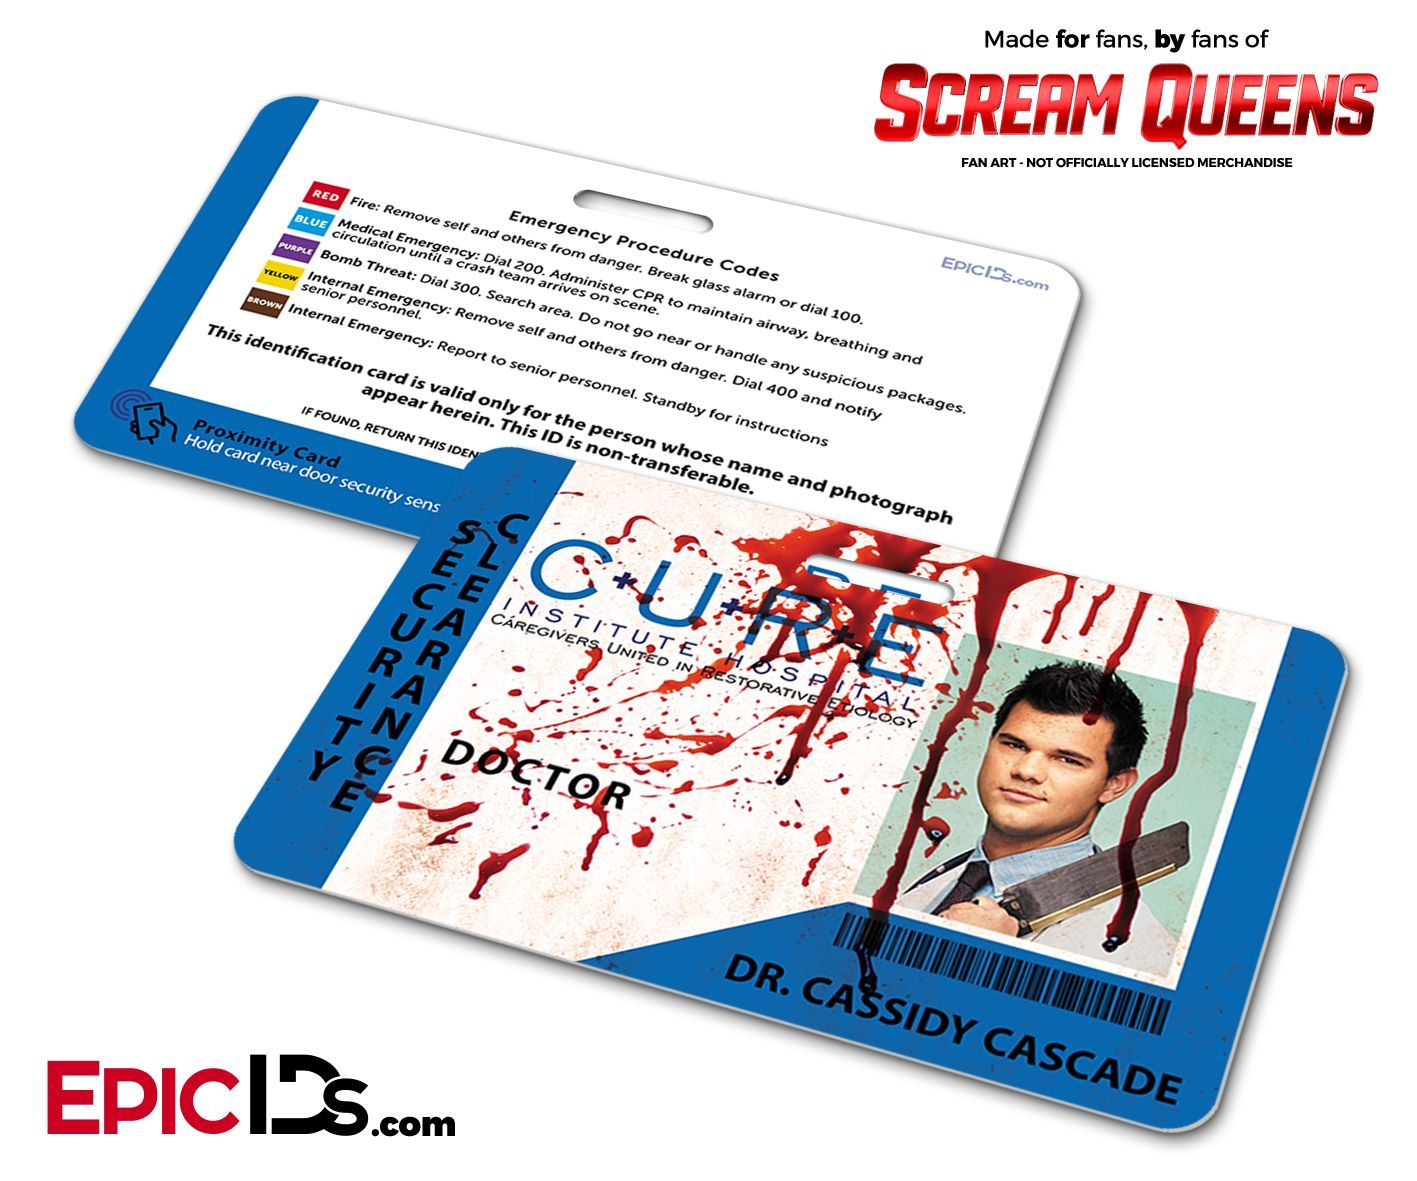 C.U.R.E. 'Scream Queens' Hospital Cosplay Employee ID Name Badge - Dr. Cassidy Cascade